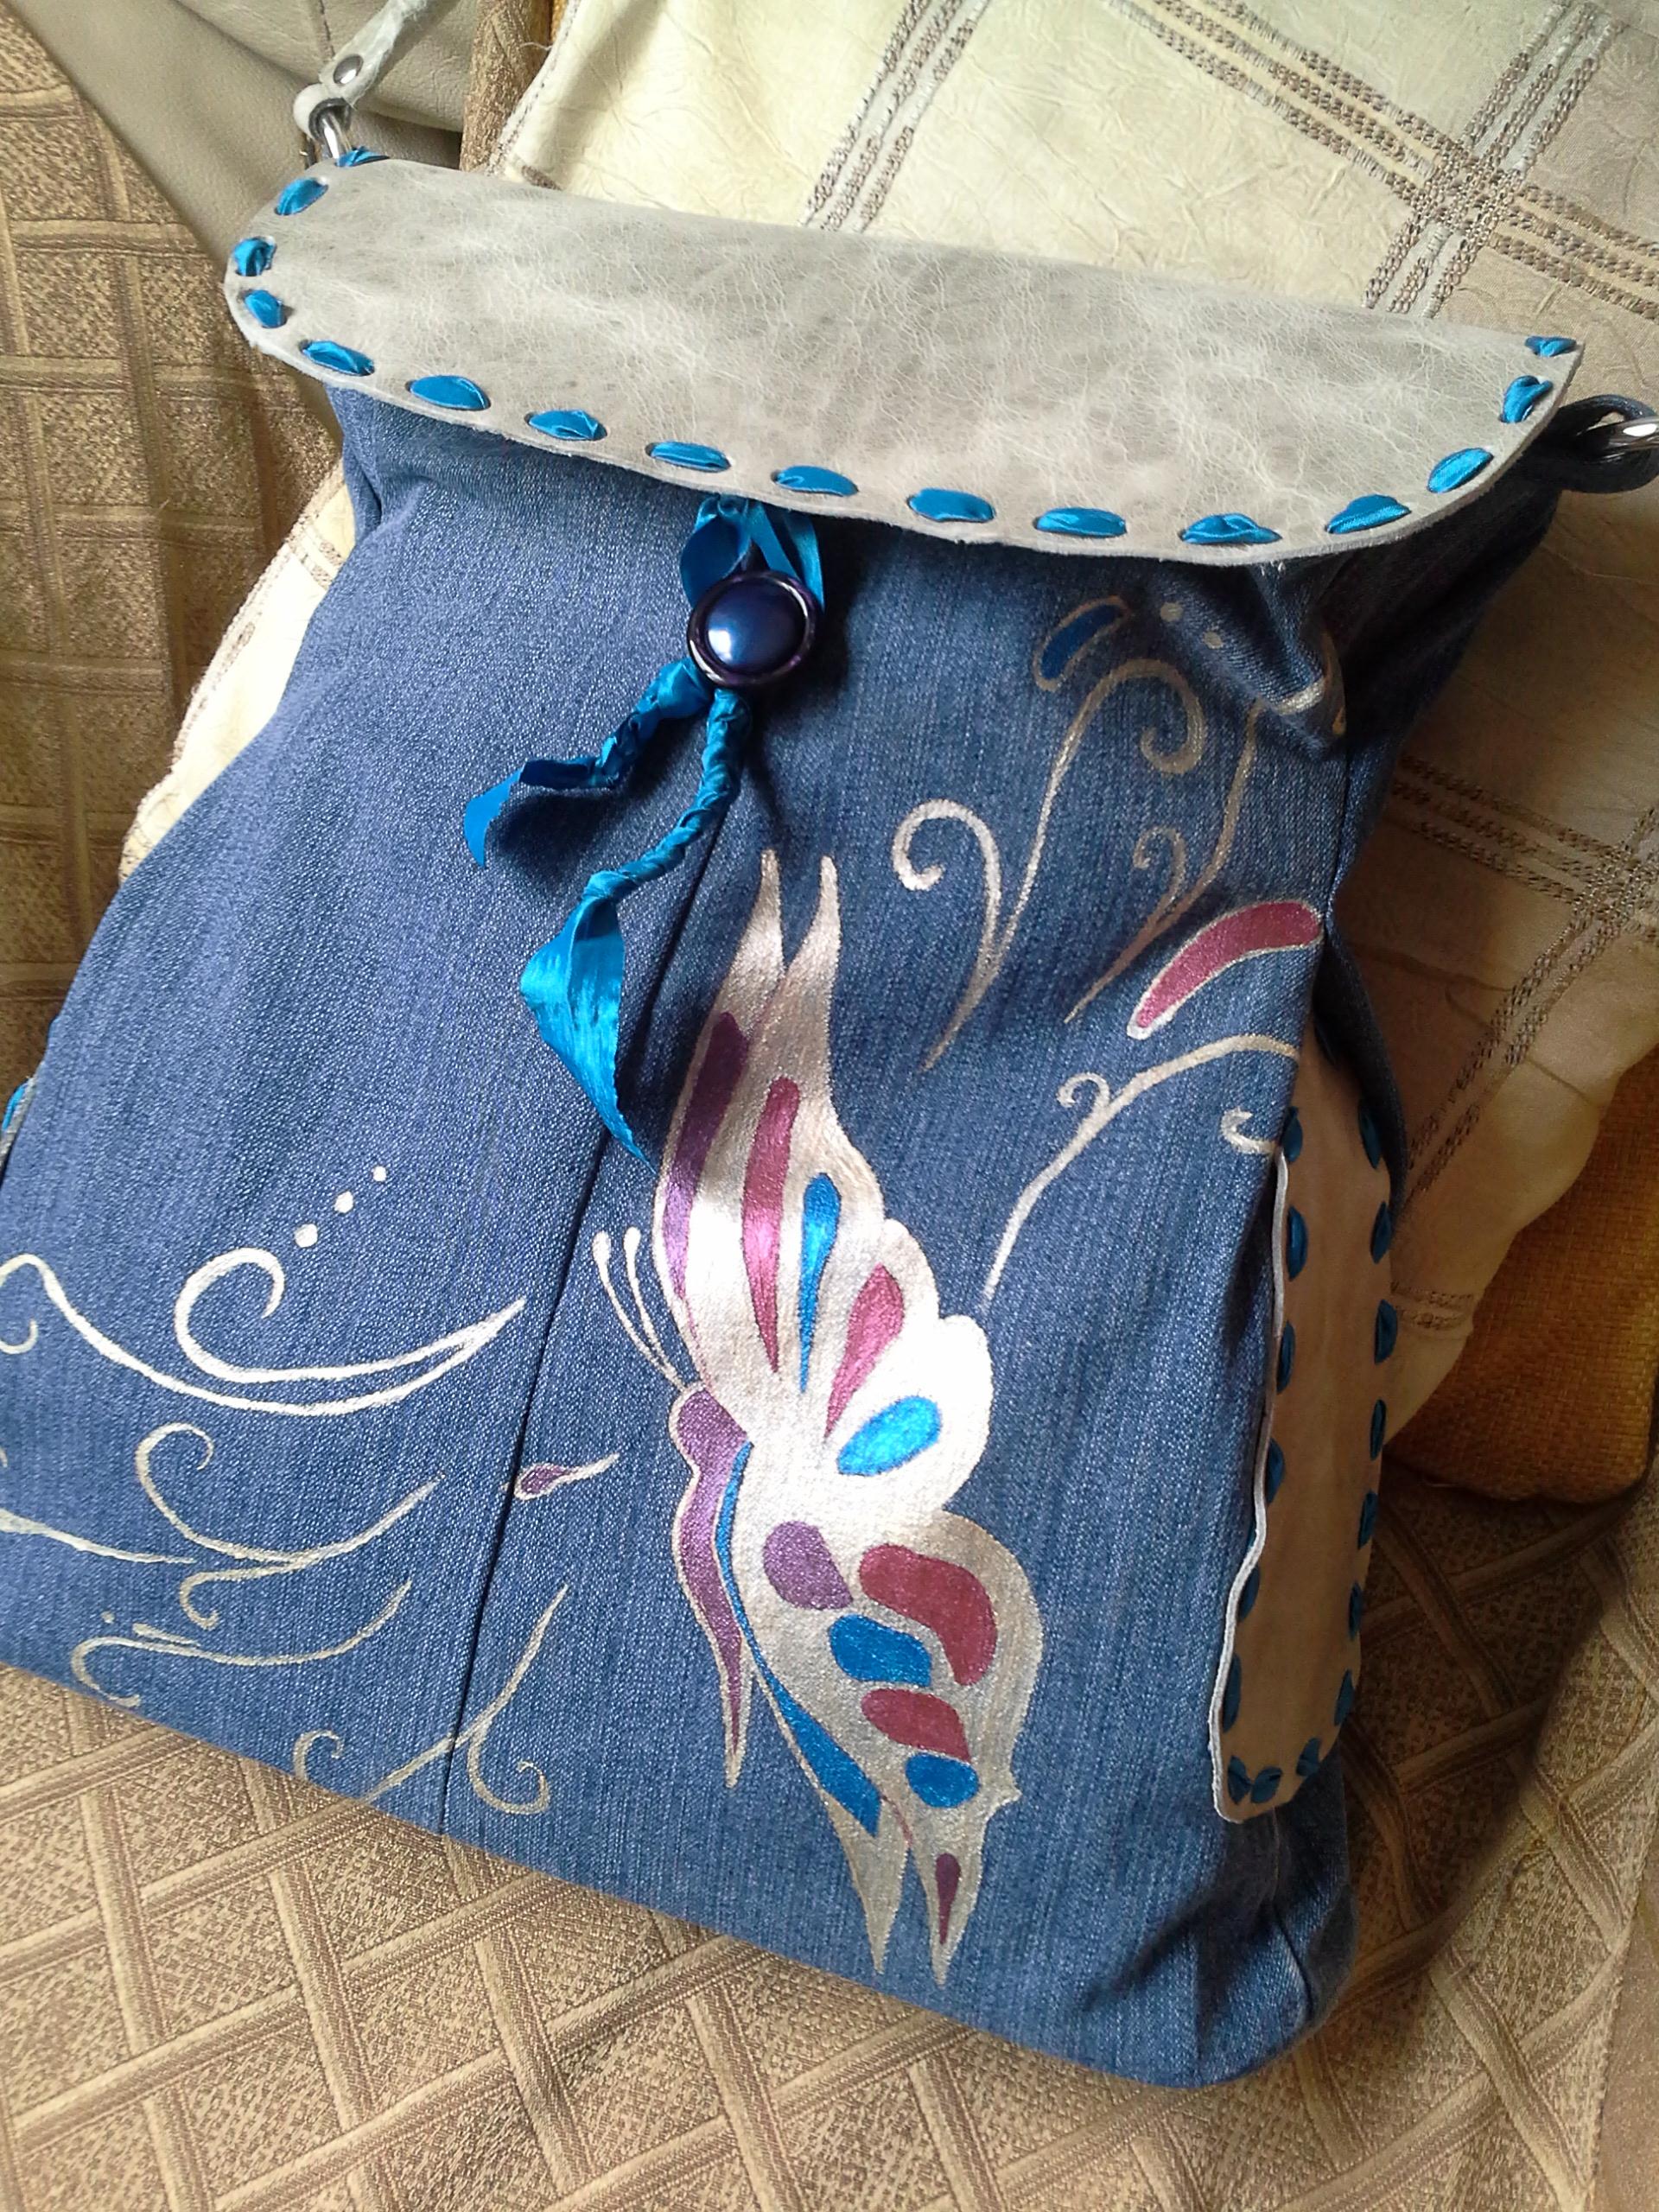 Borse Fatte A Mano Con I Jeans : Borsa jeans e pelle fatta decorata a mano